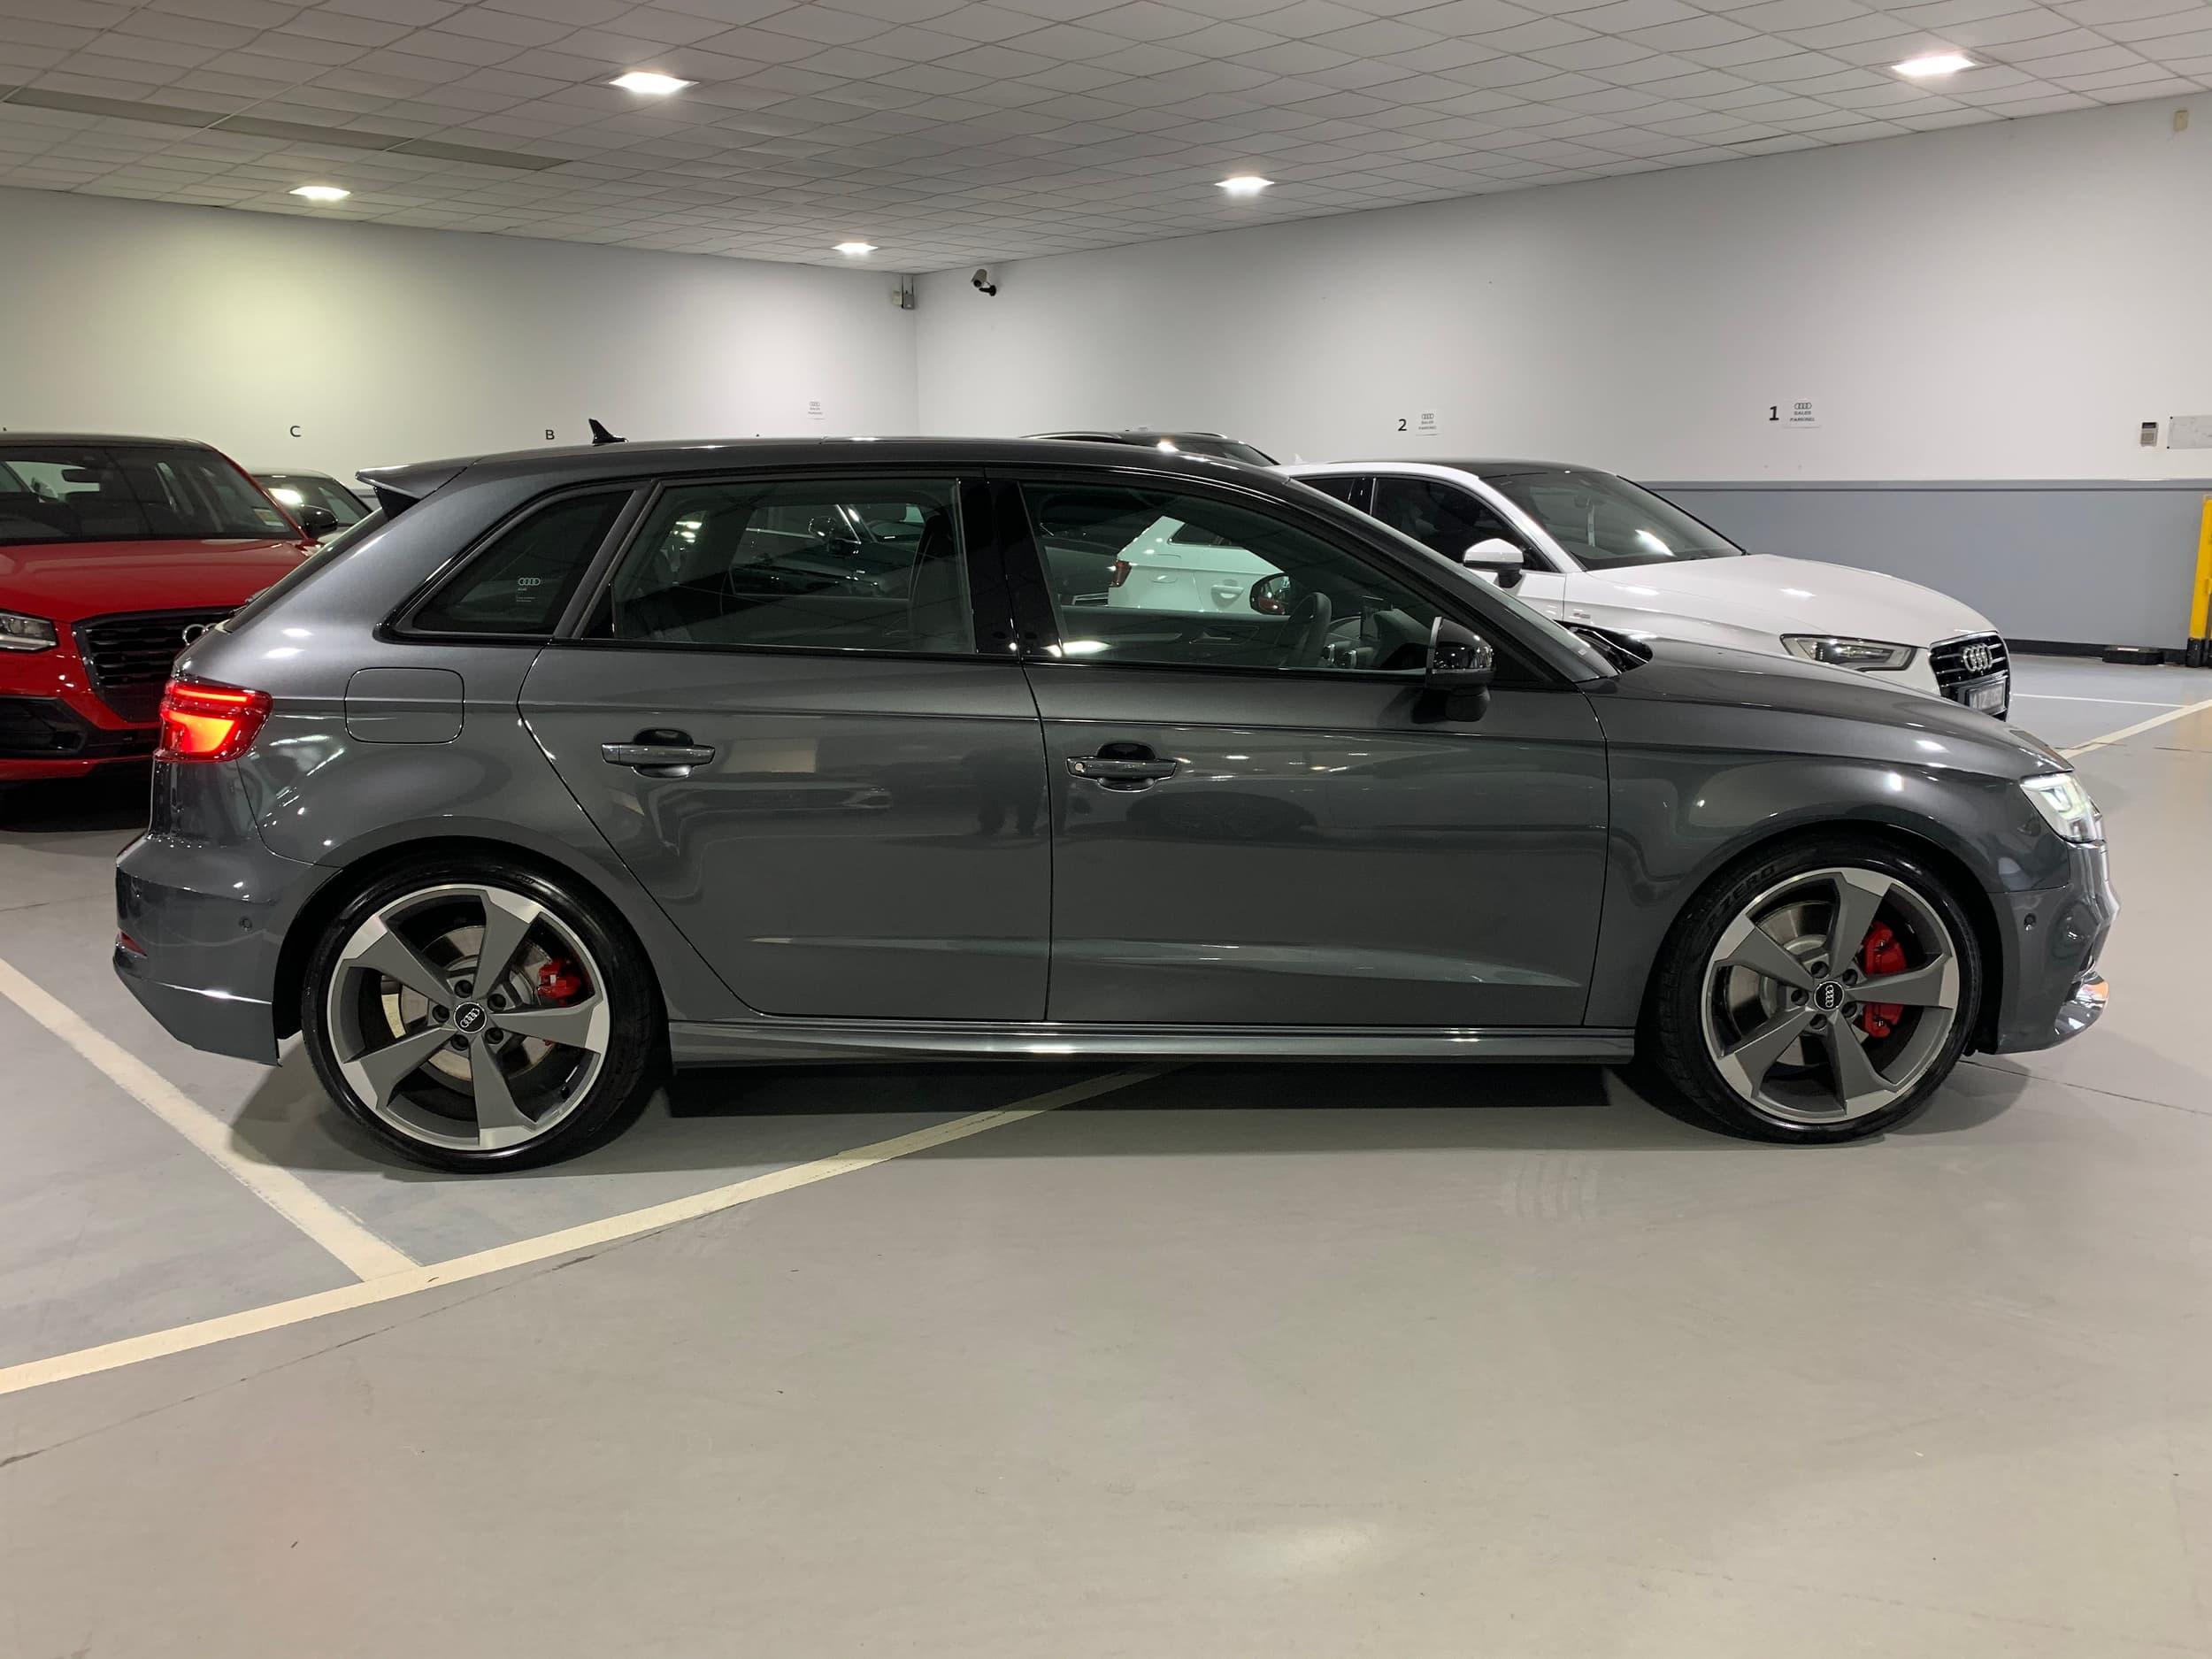 2019 Audi S3 Auto quattro MY20 - image 3